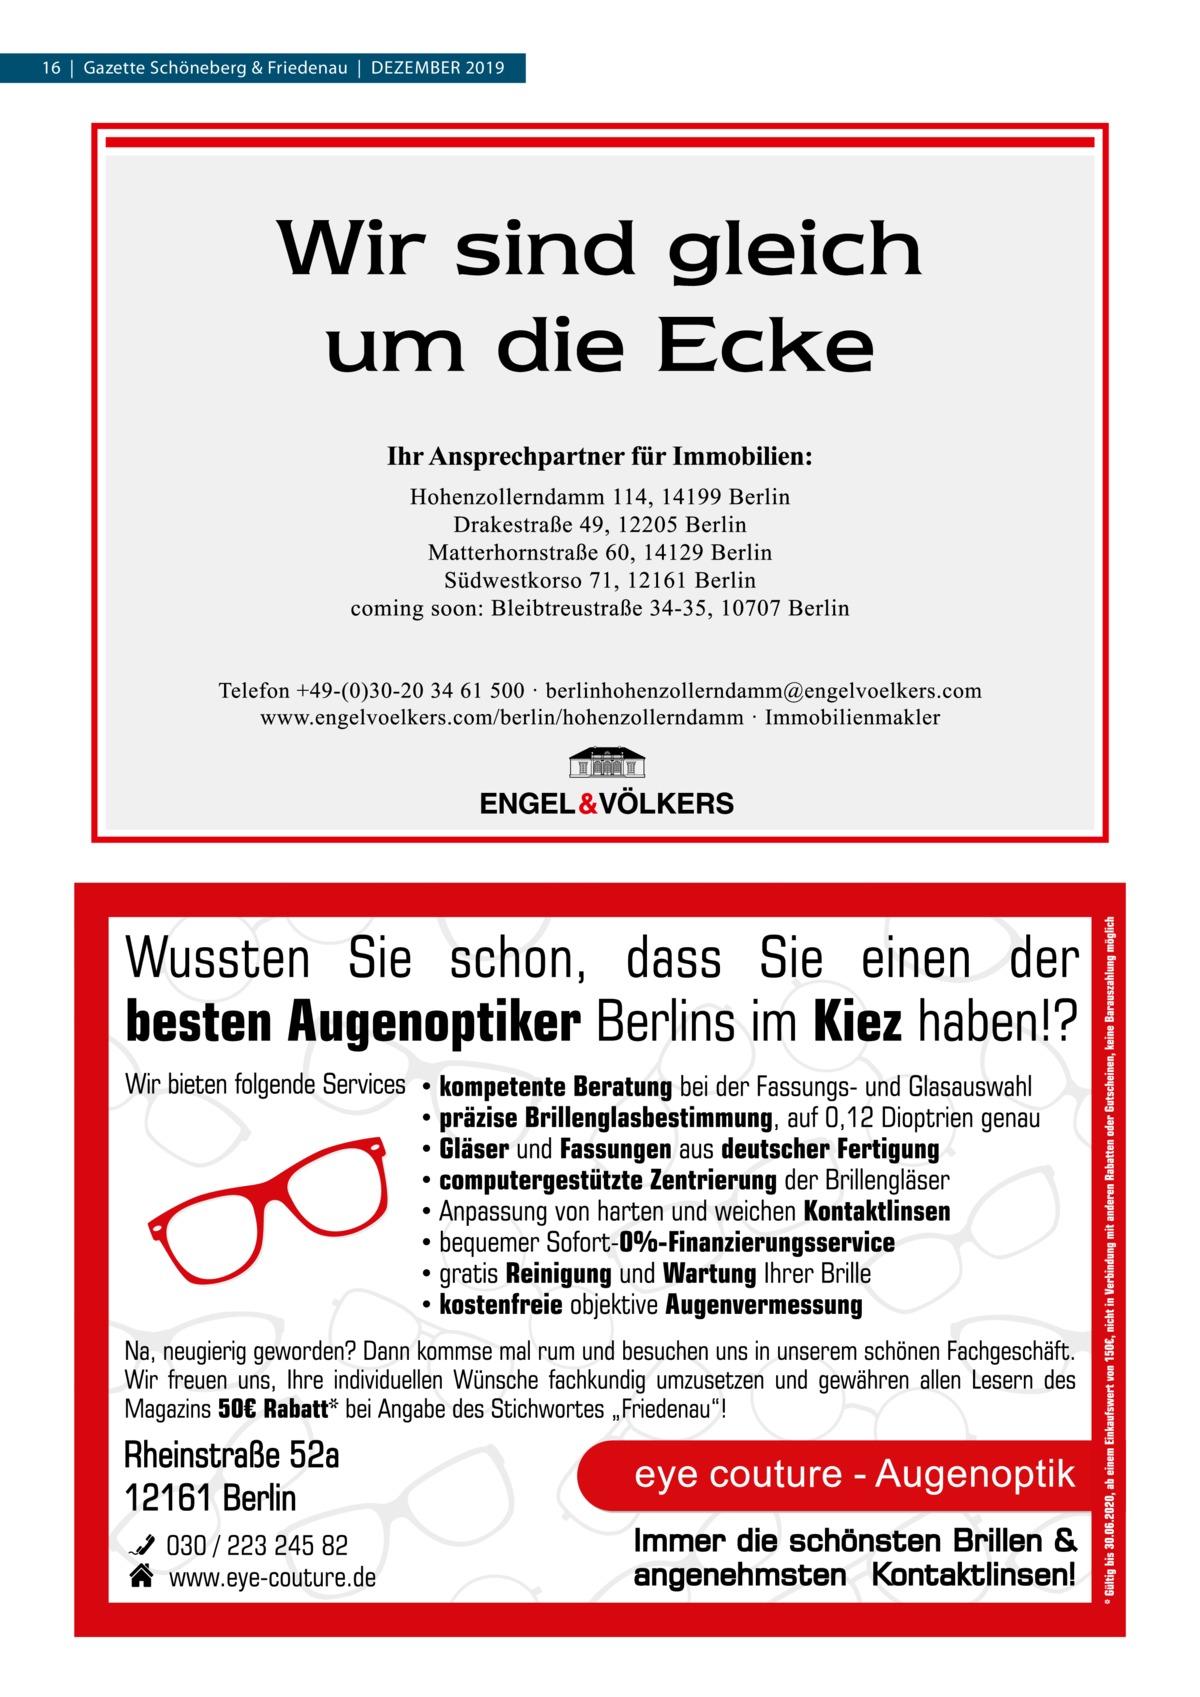 16|Gazette Schöneberg & Friedenau|DEZEMBER 2019